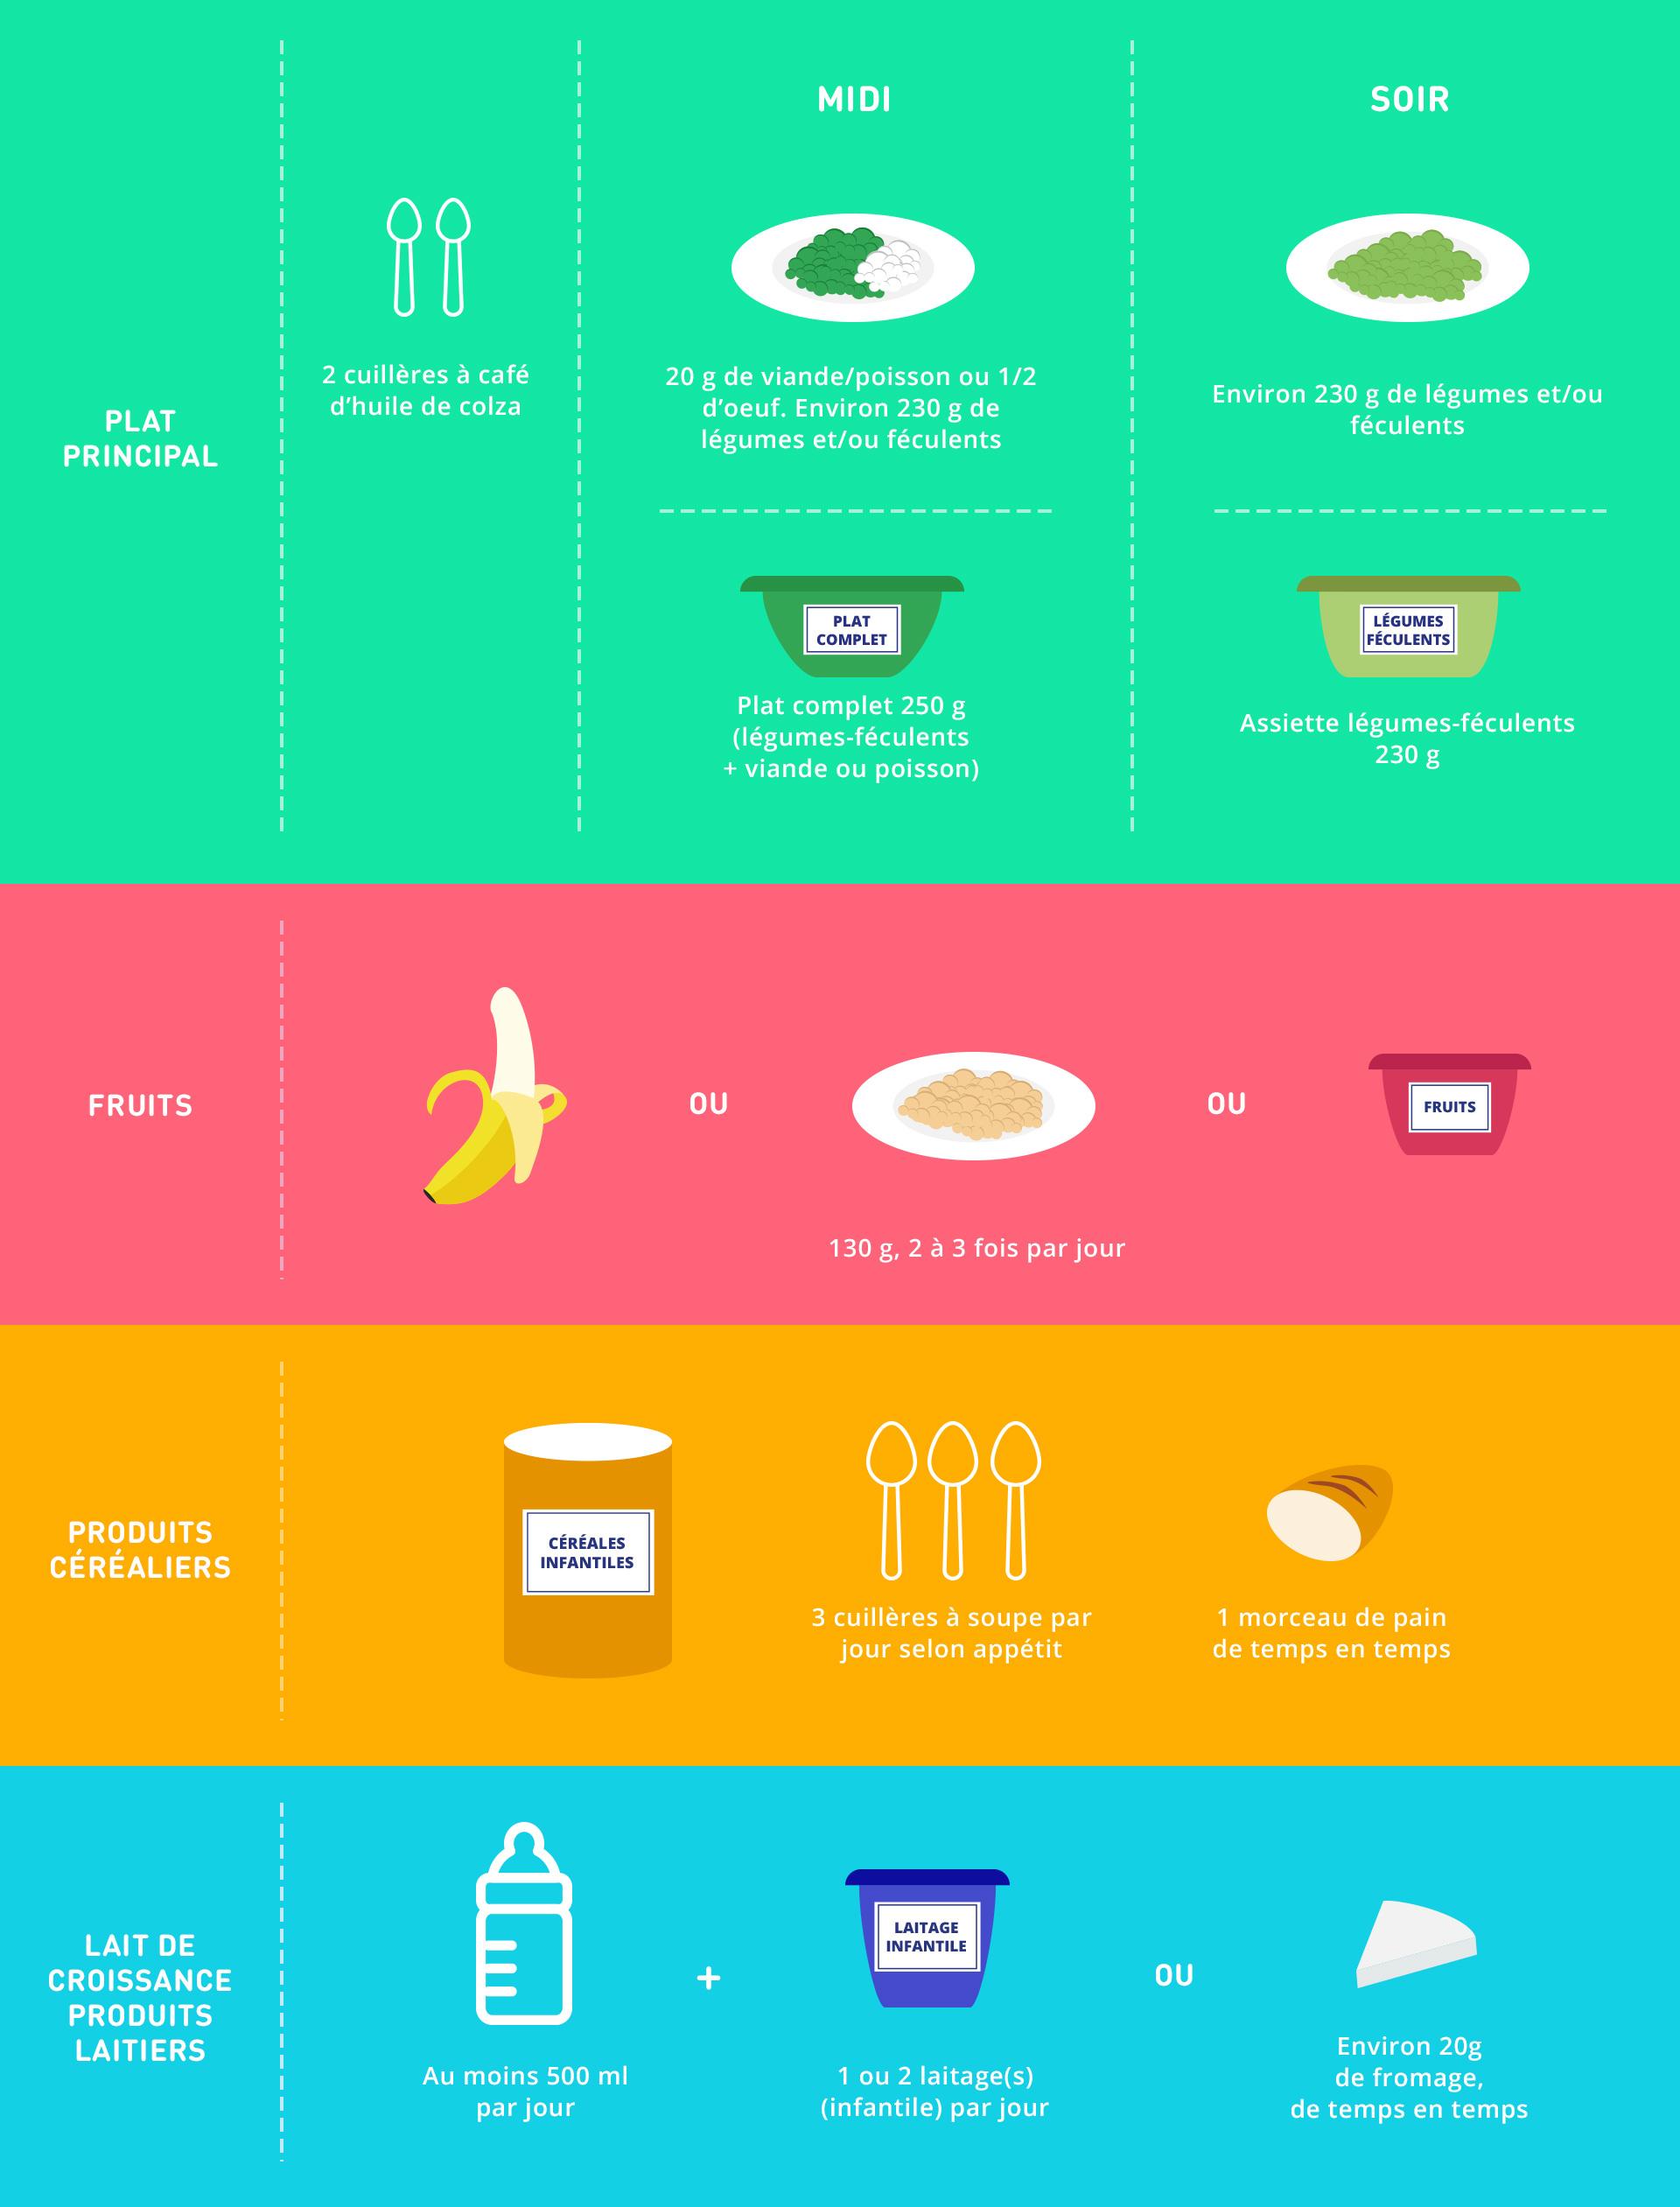 Alimentation recommandée pour les petits de 1 à 2 ans